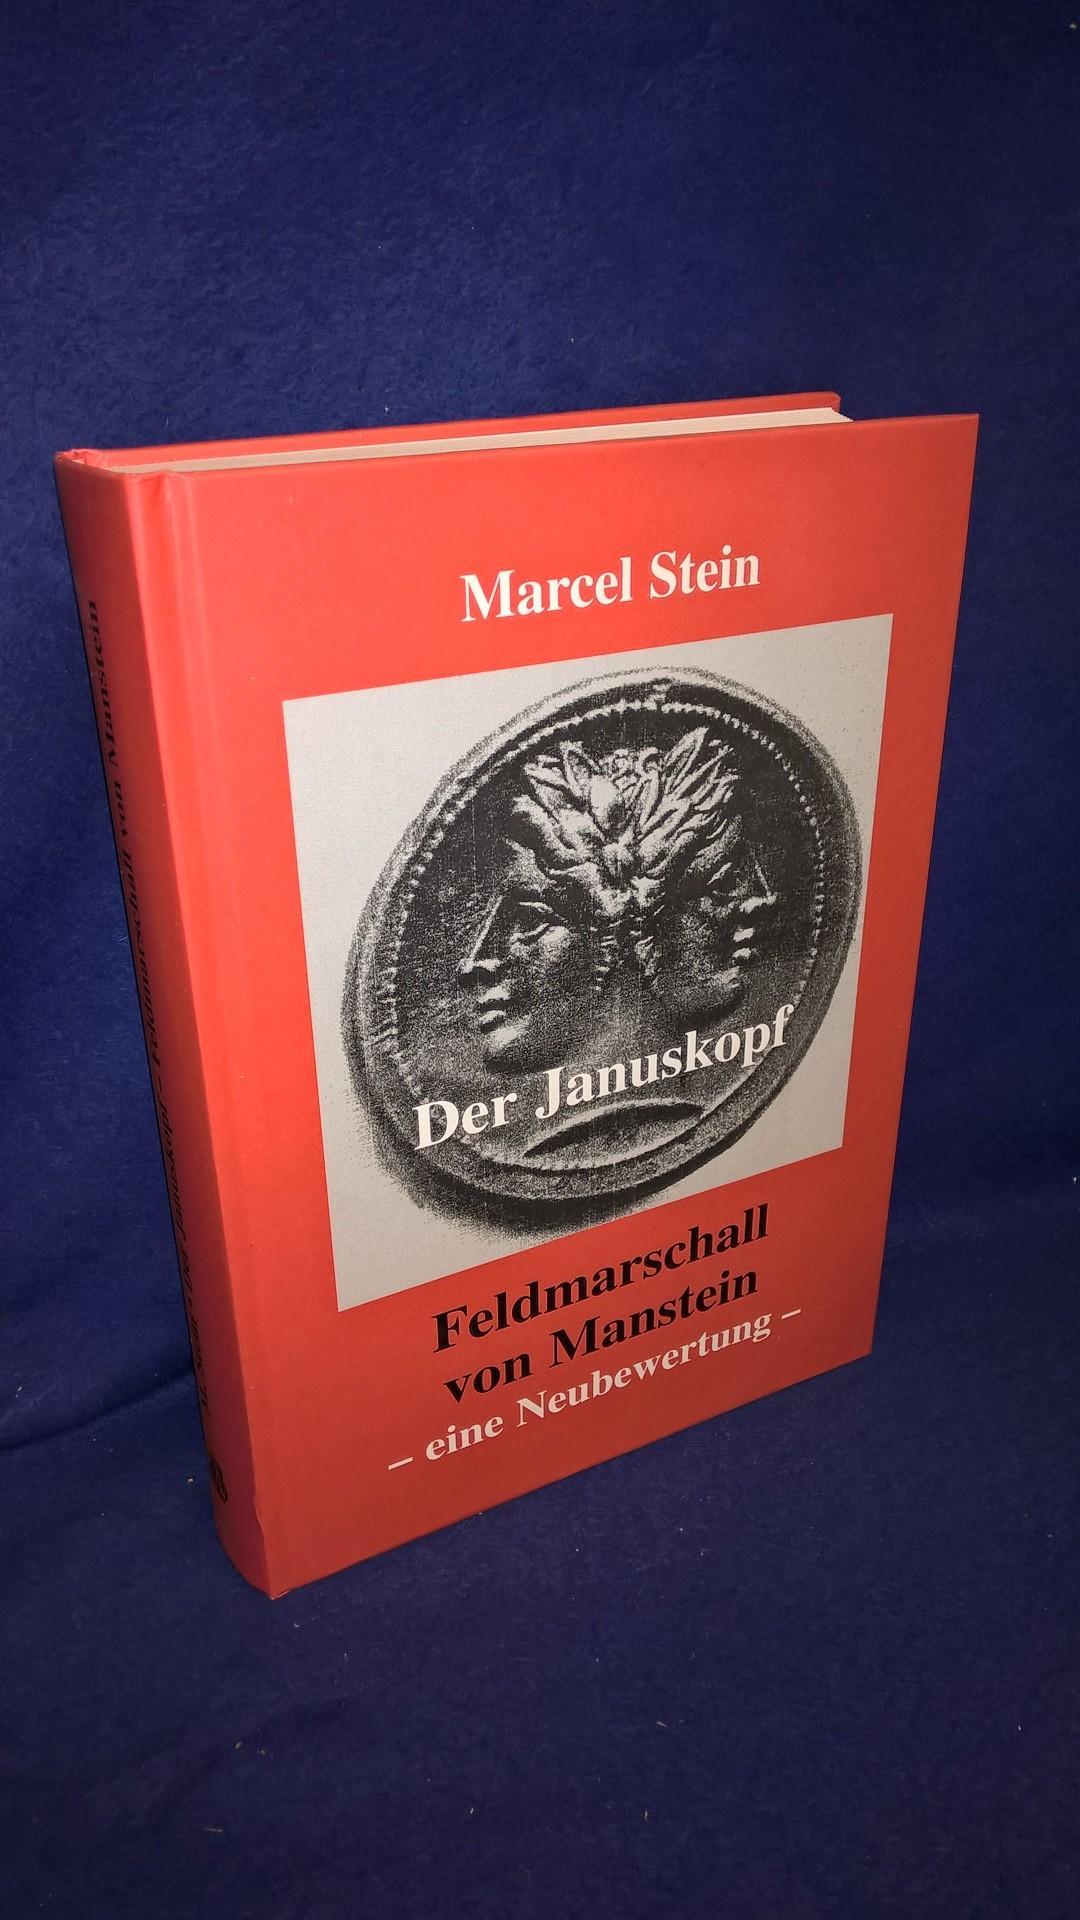 Der Januskopf. Feldmarschall von Manstein - eine Neubewertung.